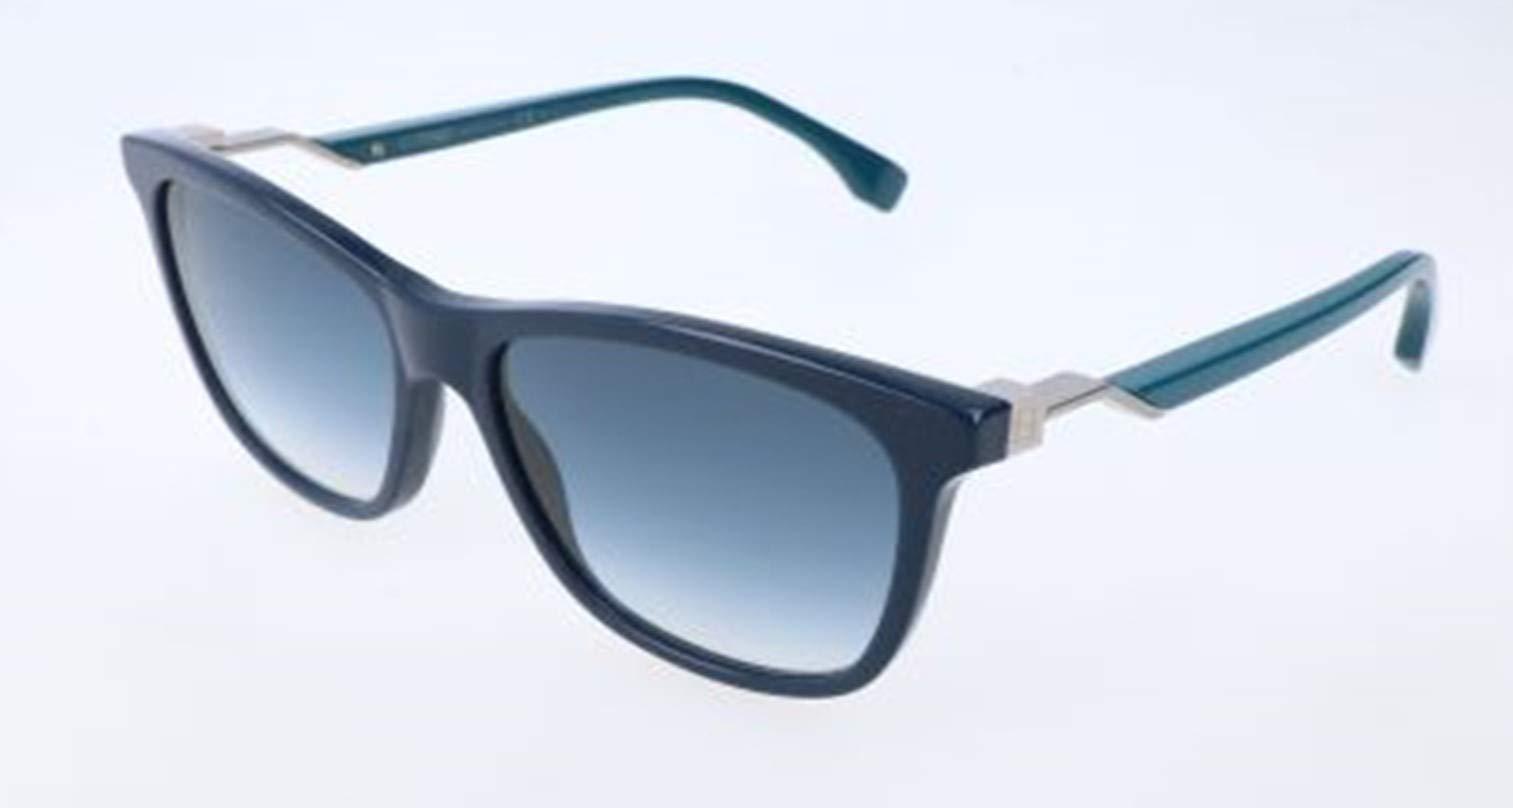 0199 4be 55 Mixte De Montures s Sunglasses Adulte Ff 140 LunettesBleublau55 Fendi 16 08 pSzVqUM